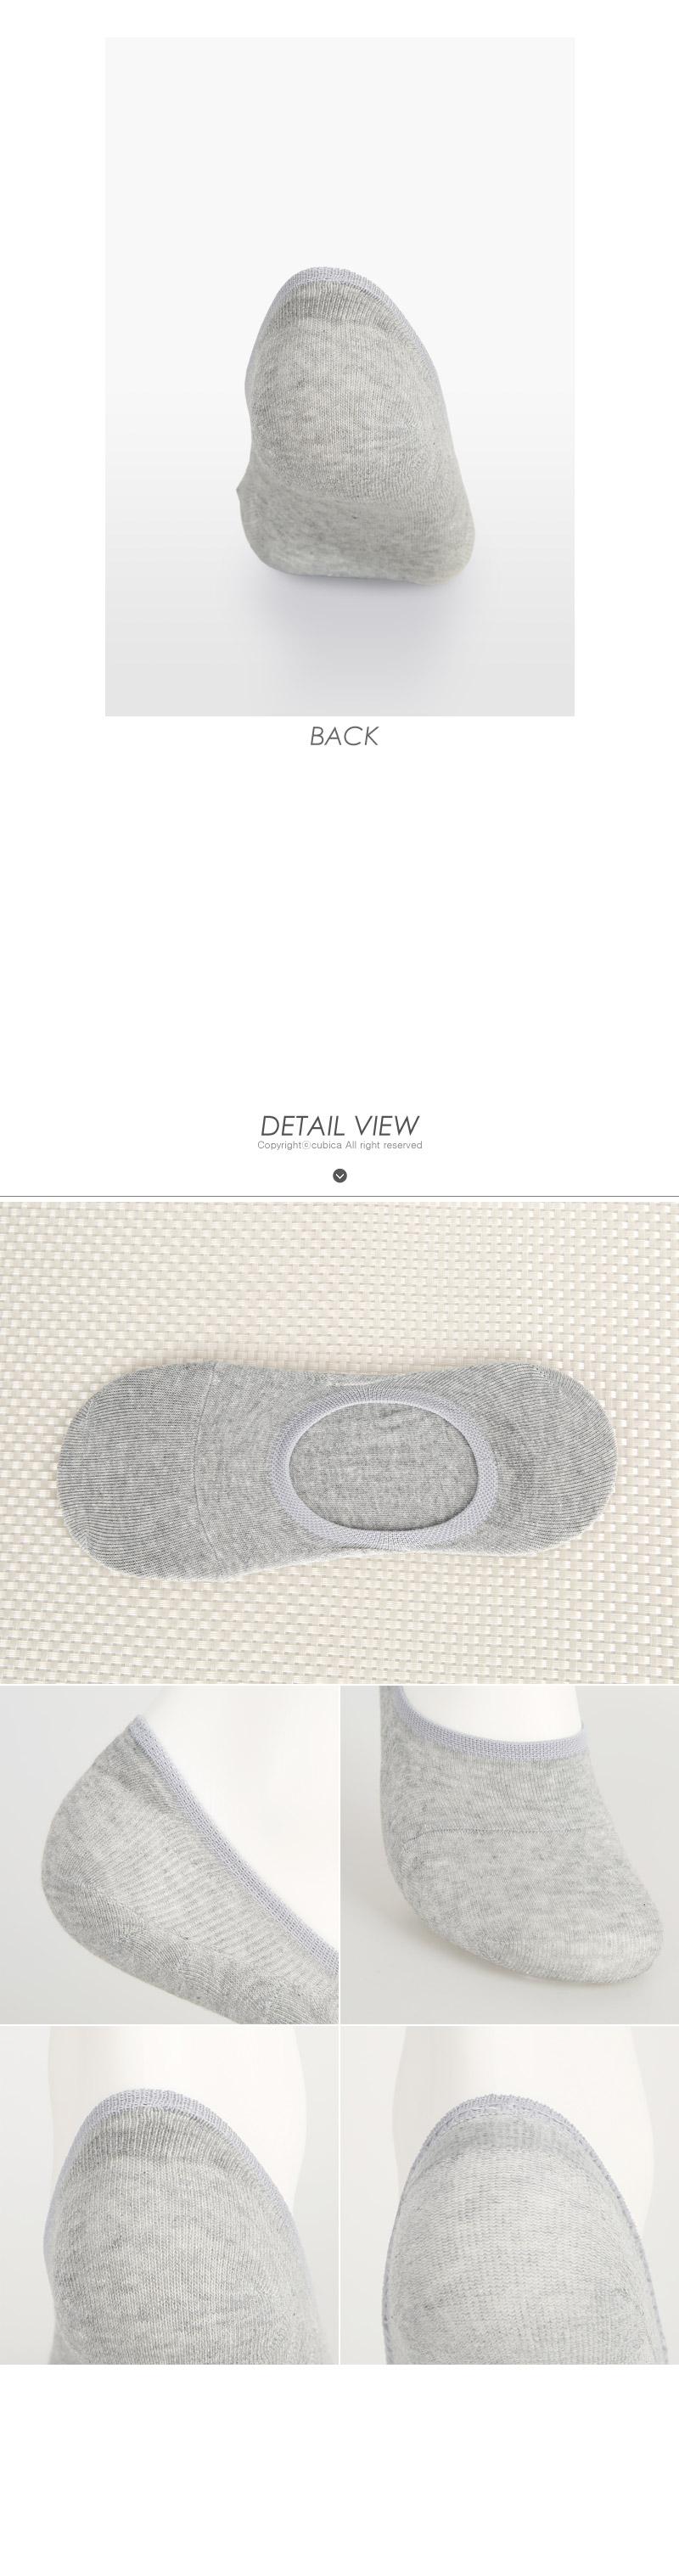 페이크삭스 무지 남성덧신 양말 5족세트 F175 - 쿠비카, 9,500원, 남성양말, 페이크삭스